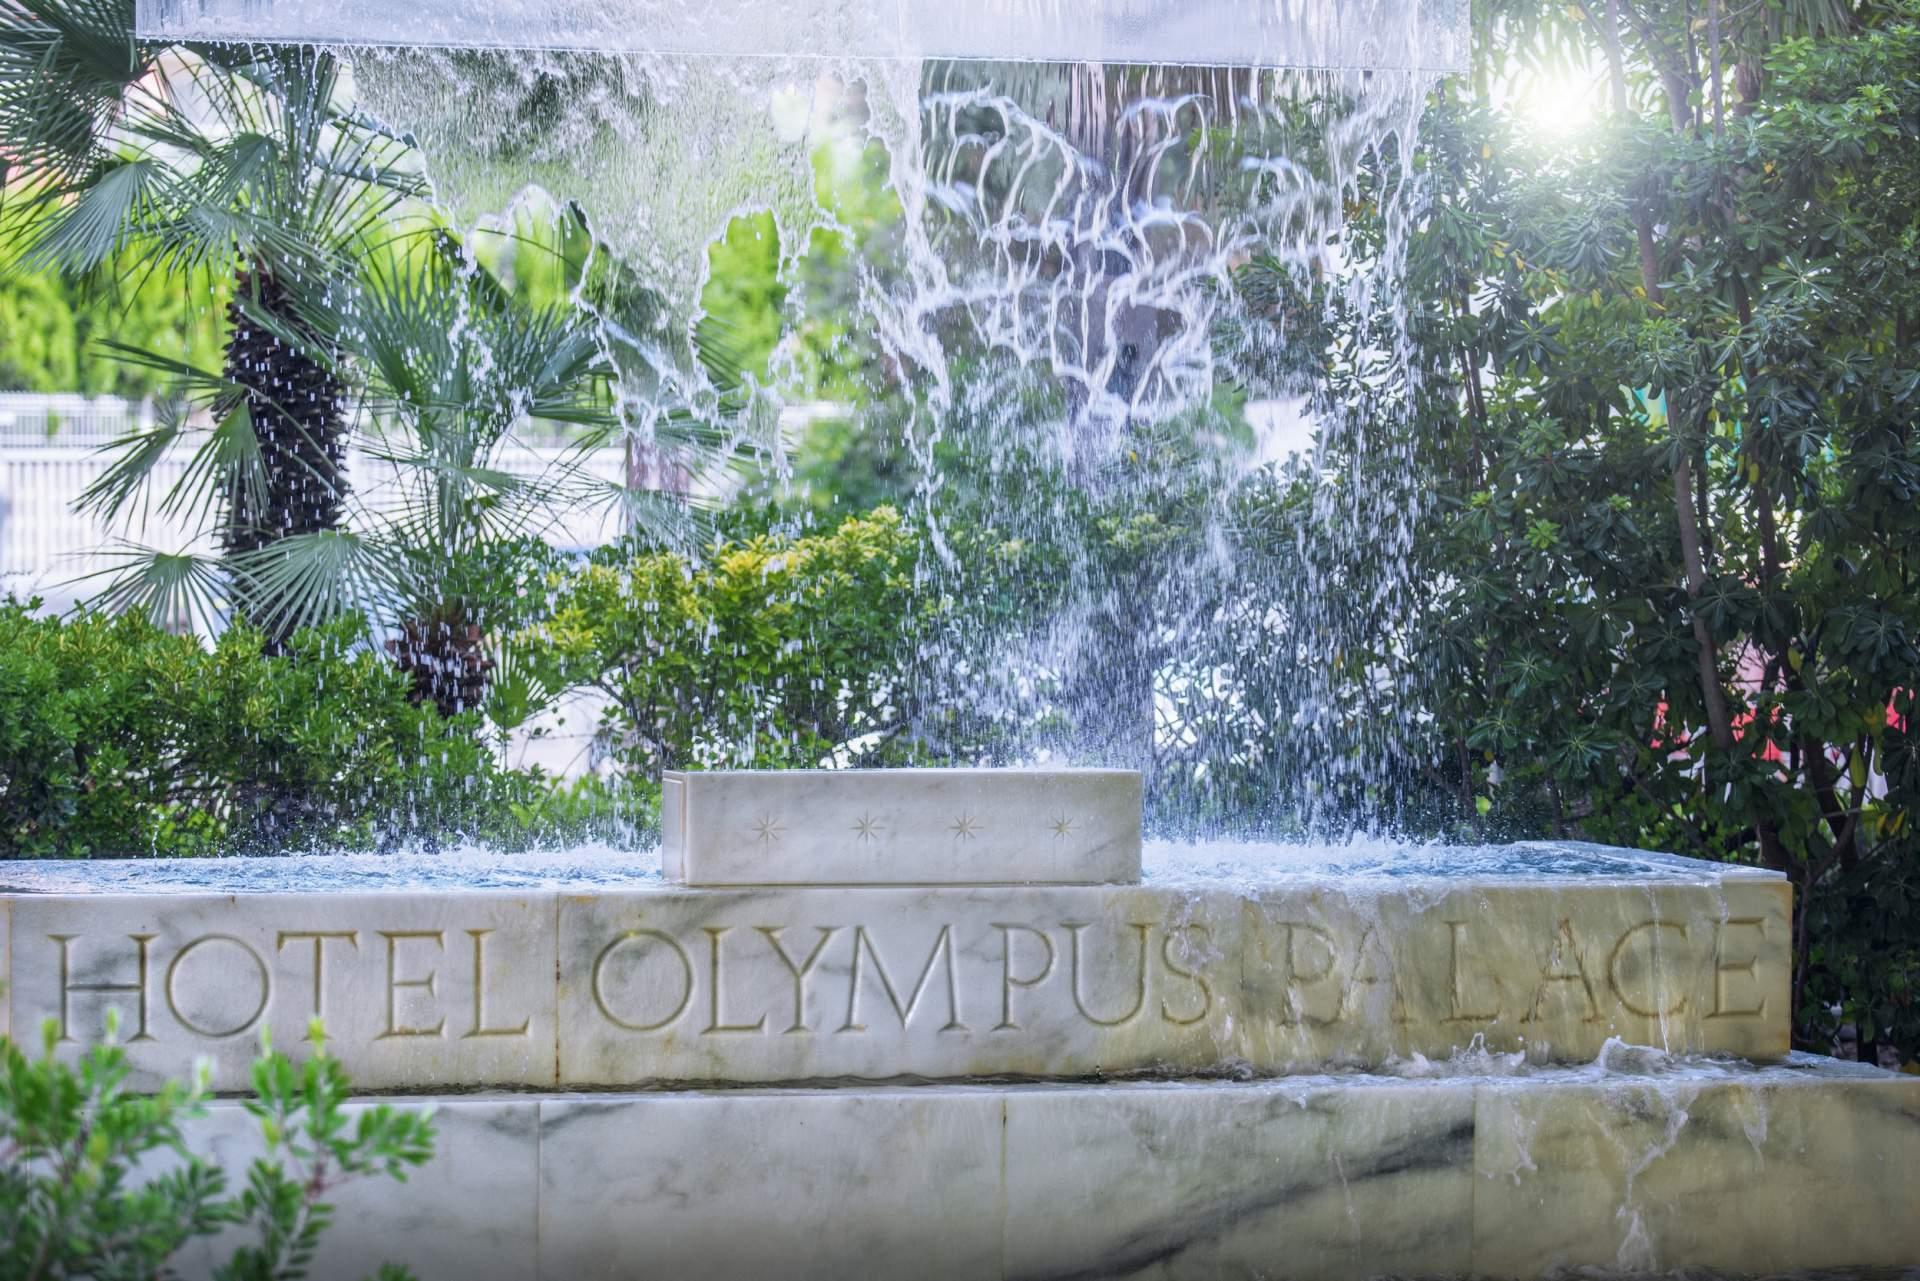 Busreis Salou Hotel Olympus Palace strandvakantie